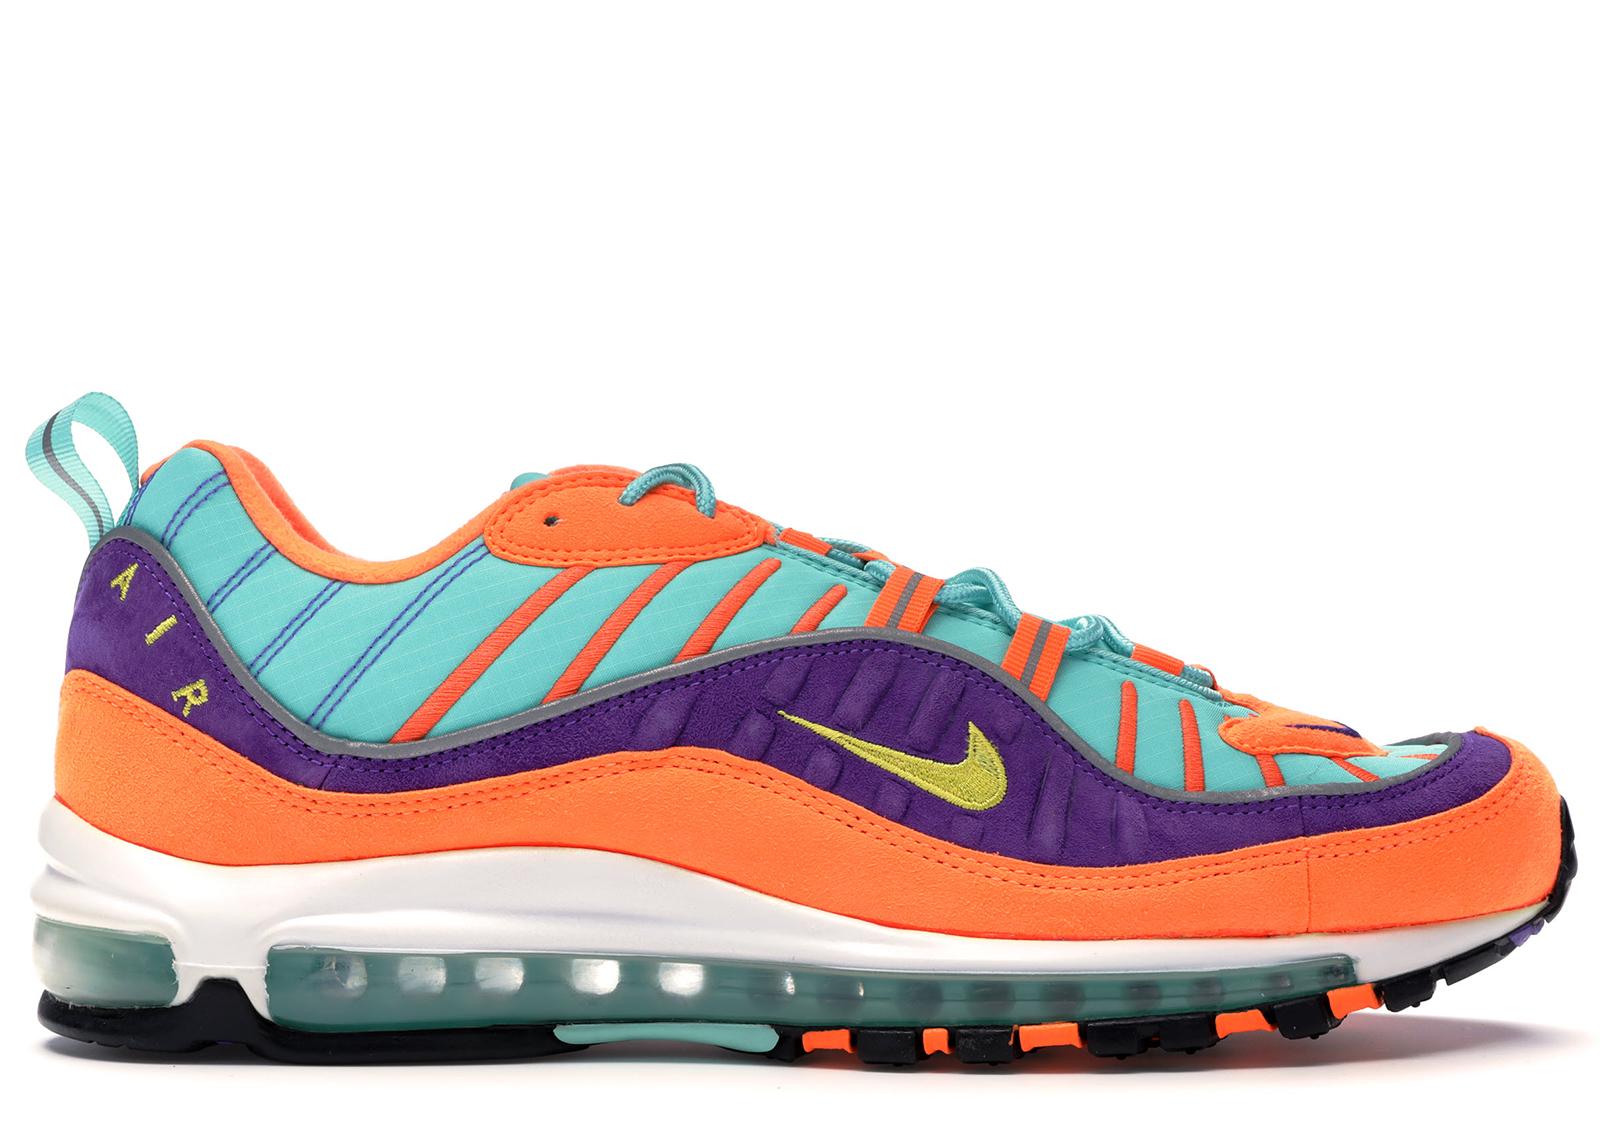 Nike Air Max 98 Cone - 924462-800